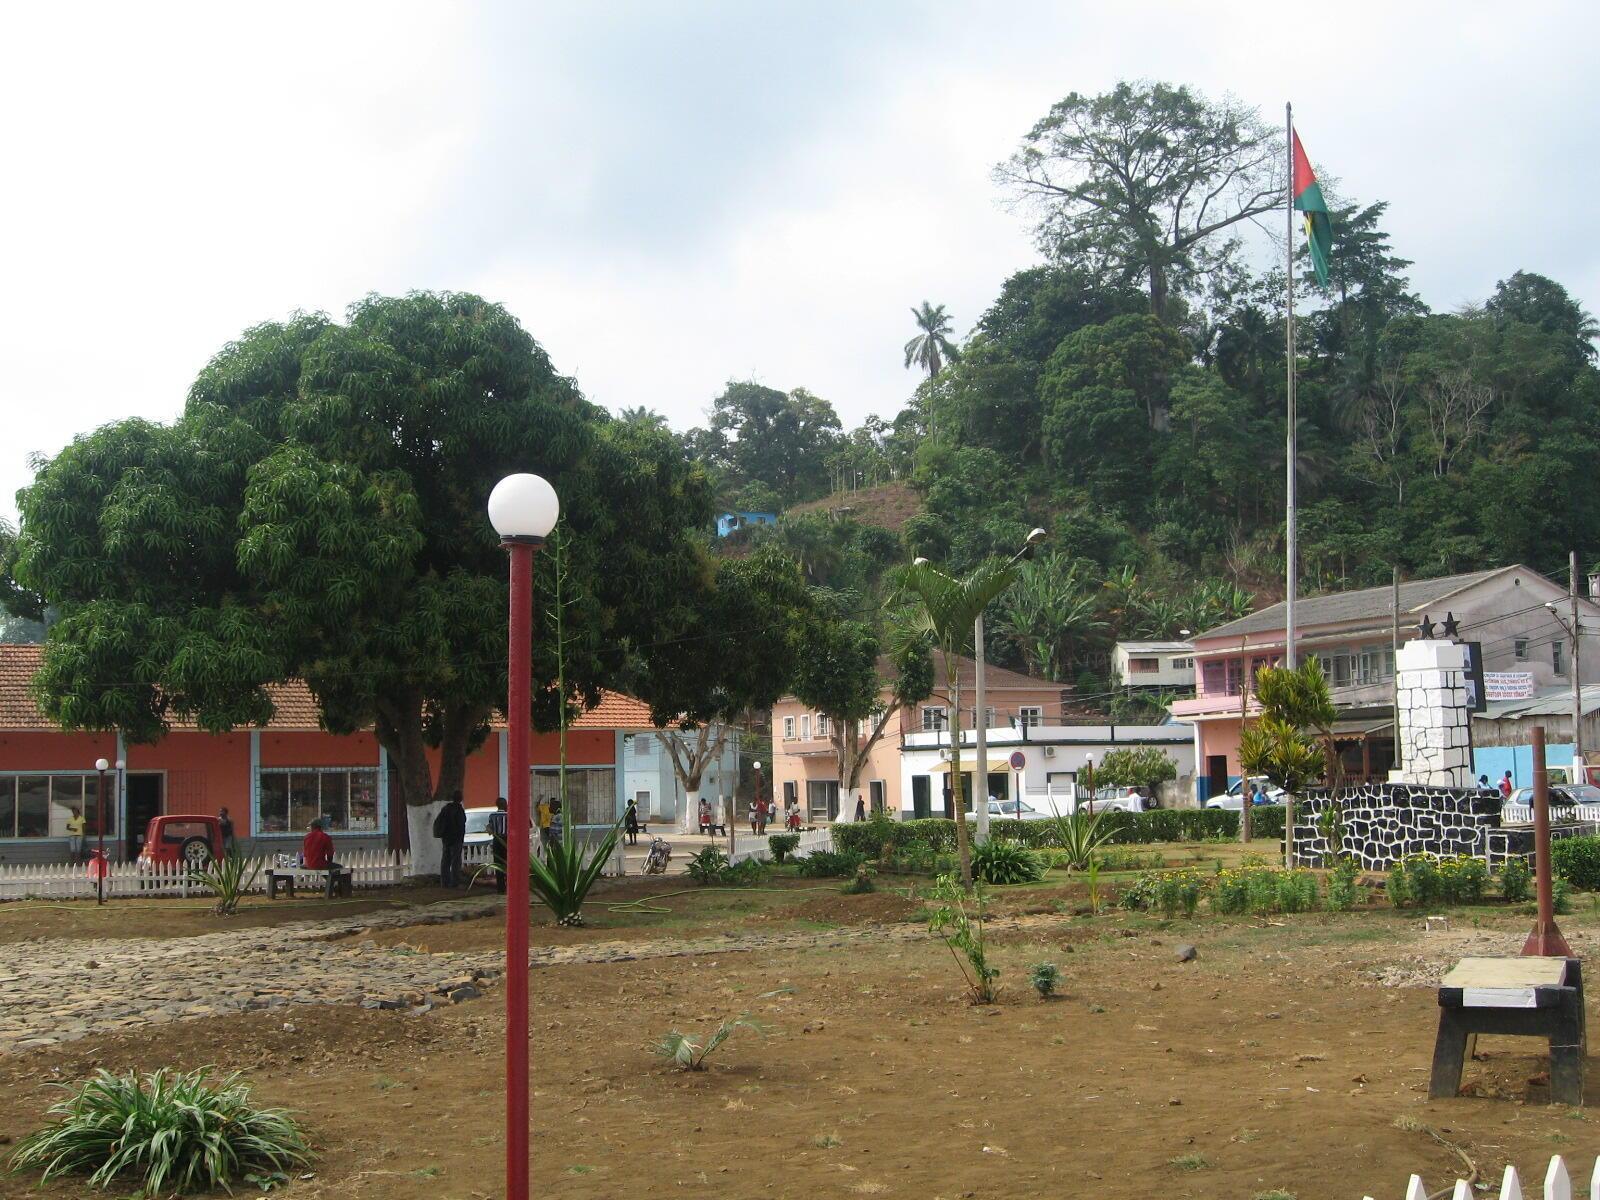 Centro da cidade de Trindade em São Tomé e Príncipe.